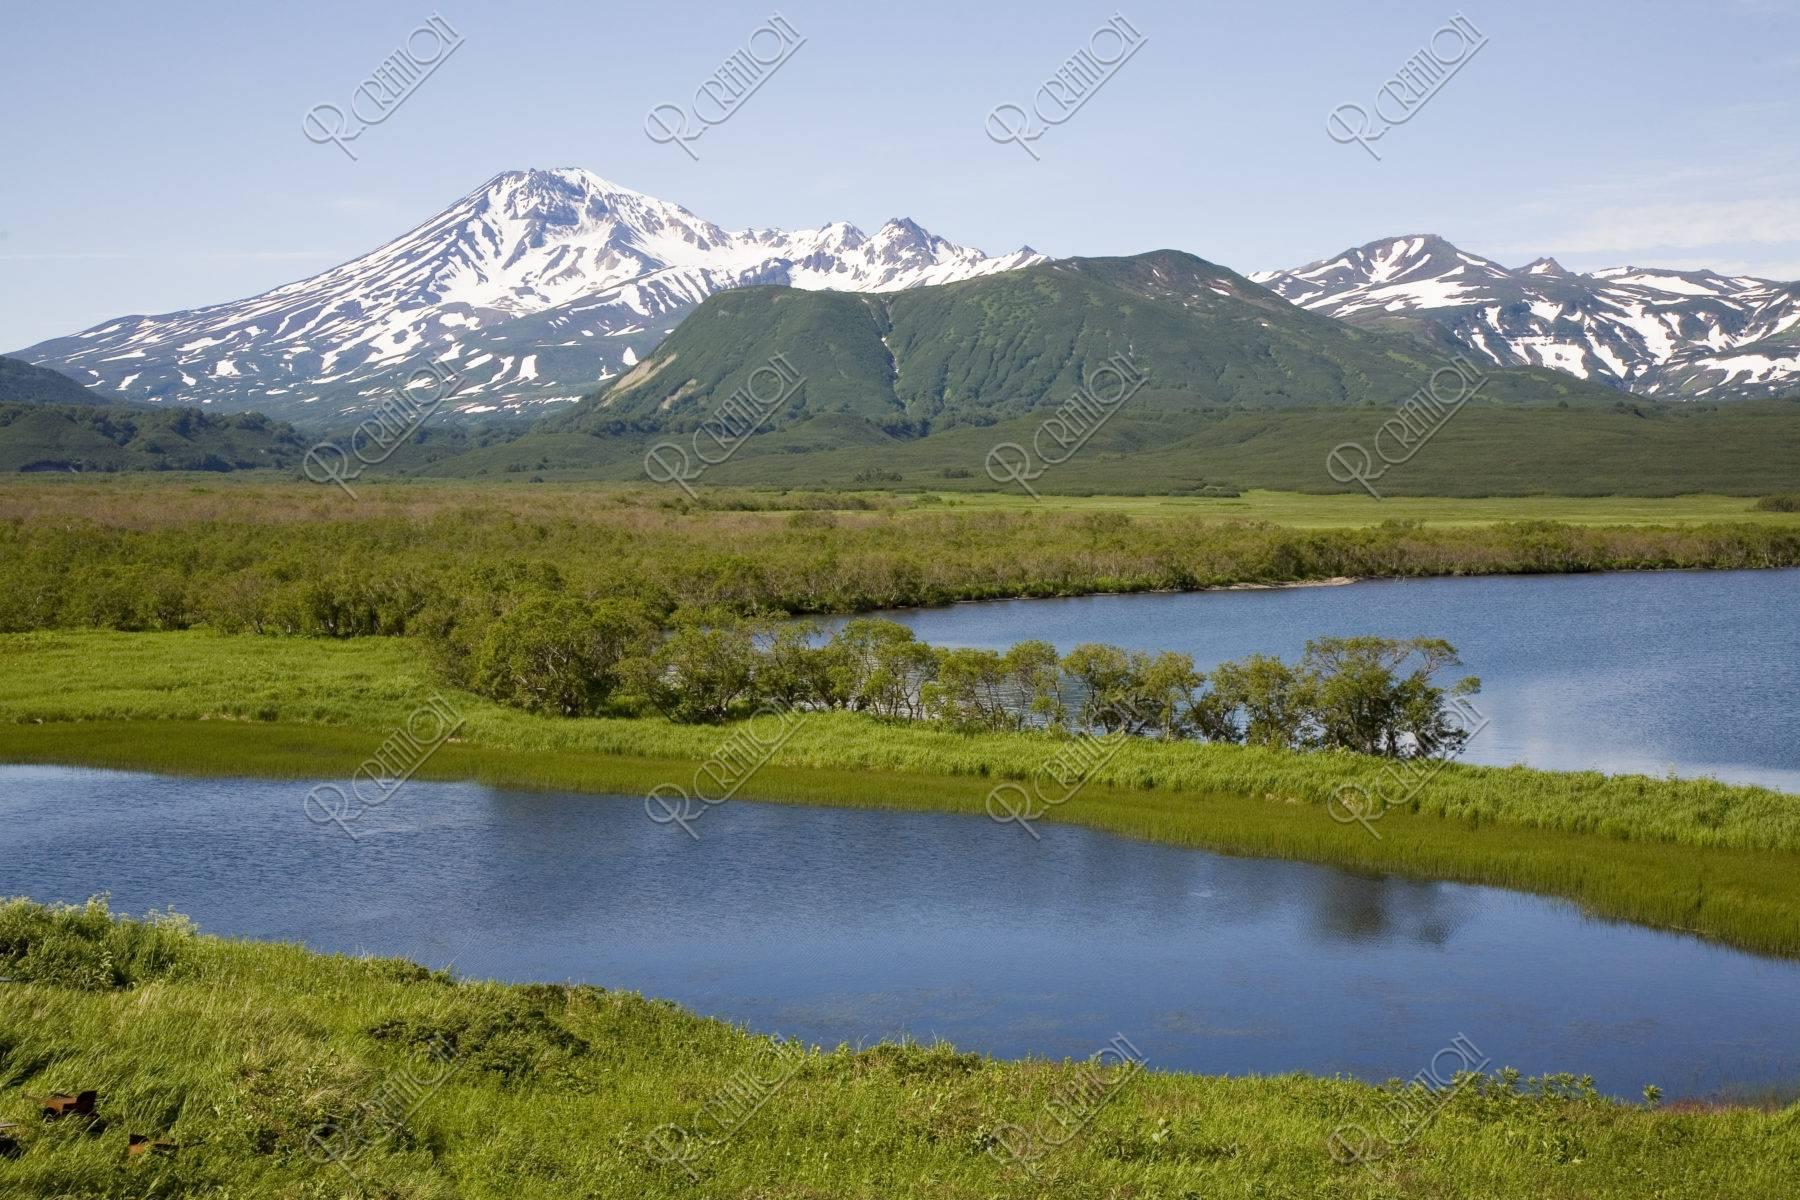 クリル湖とカンバリヌィ火山